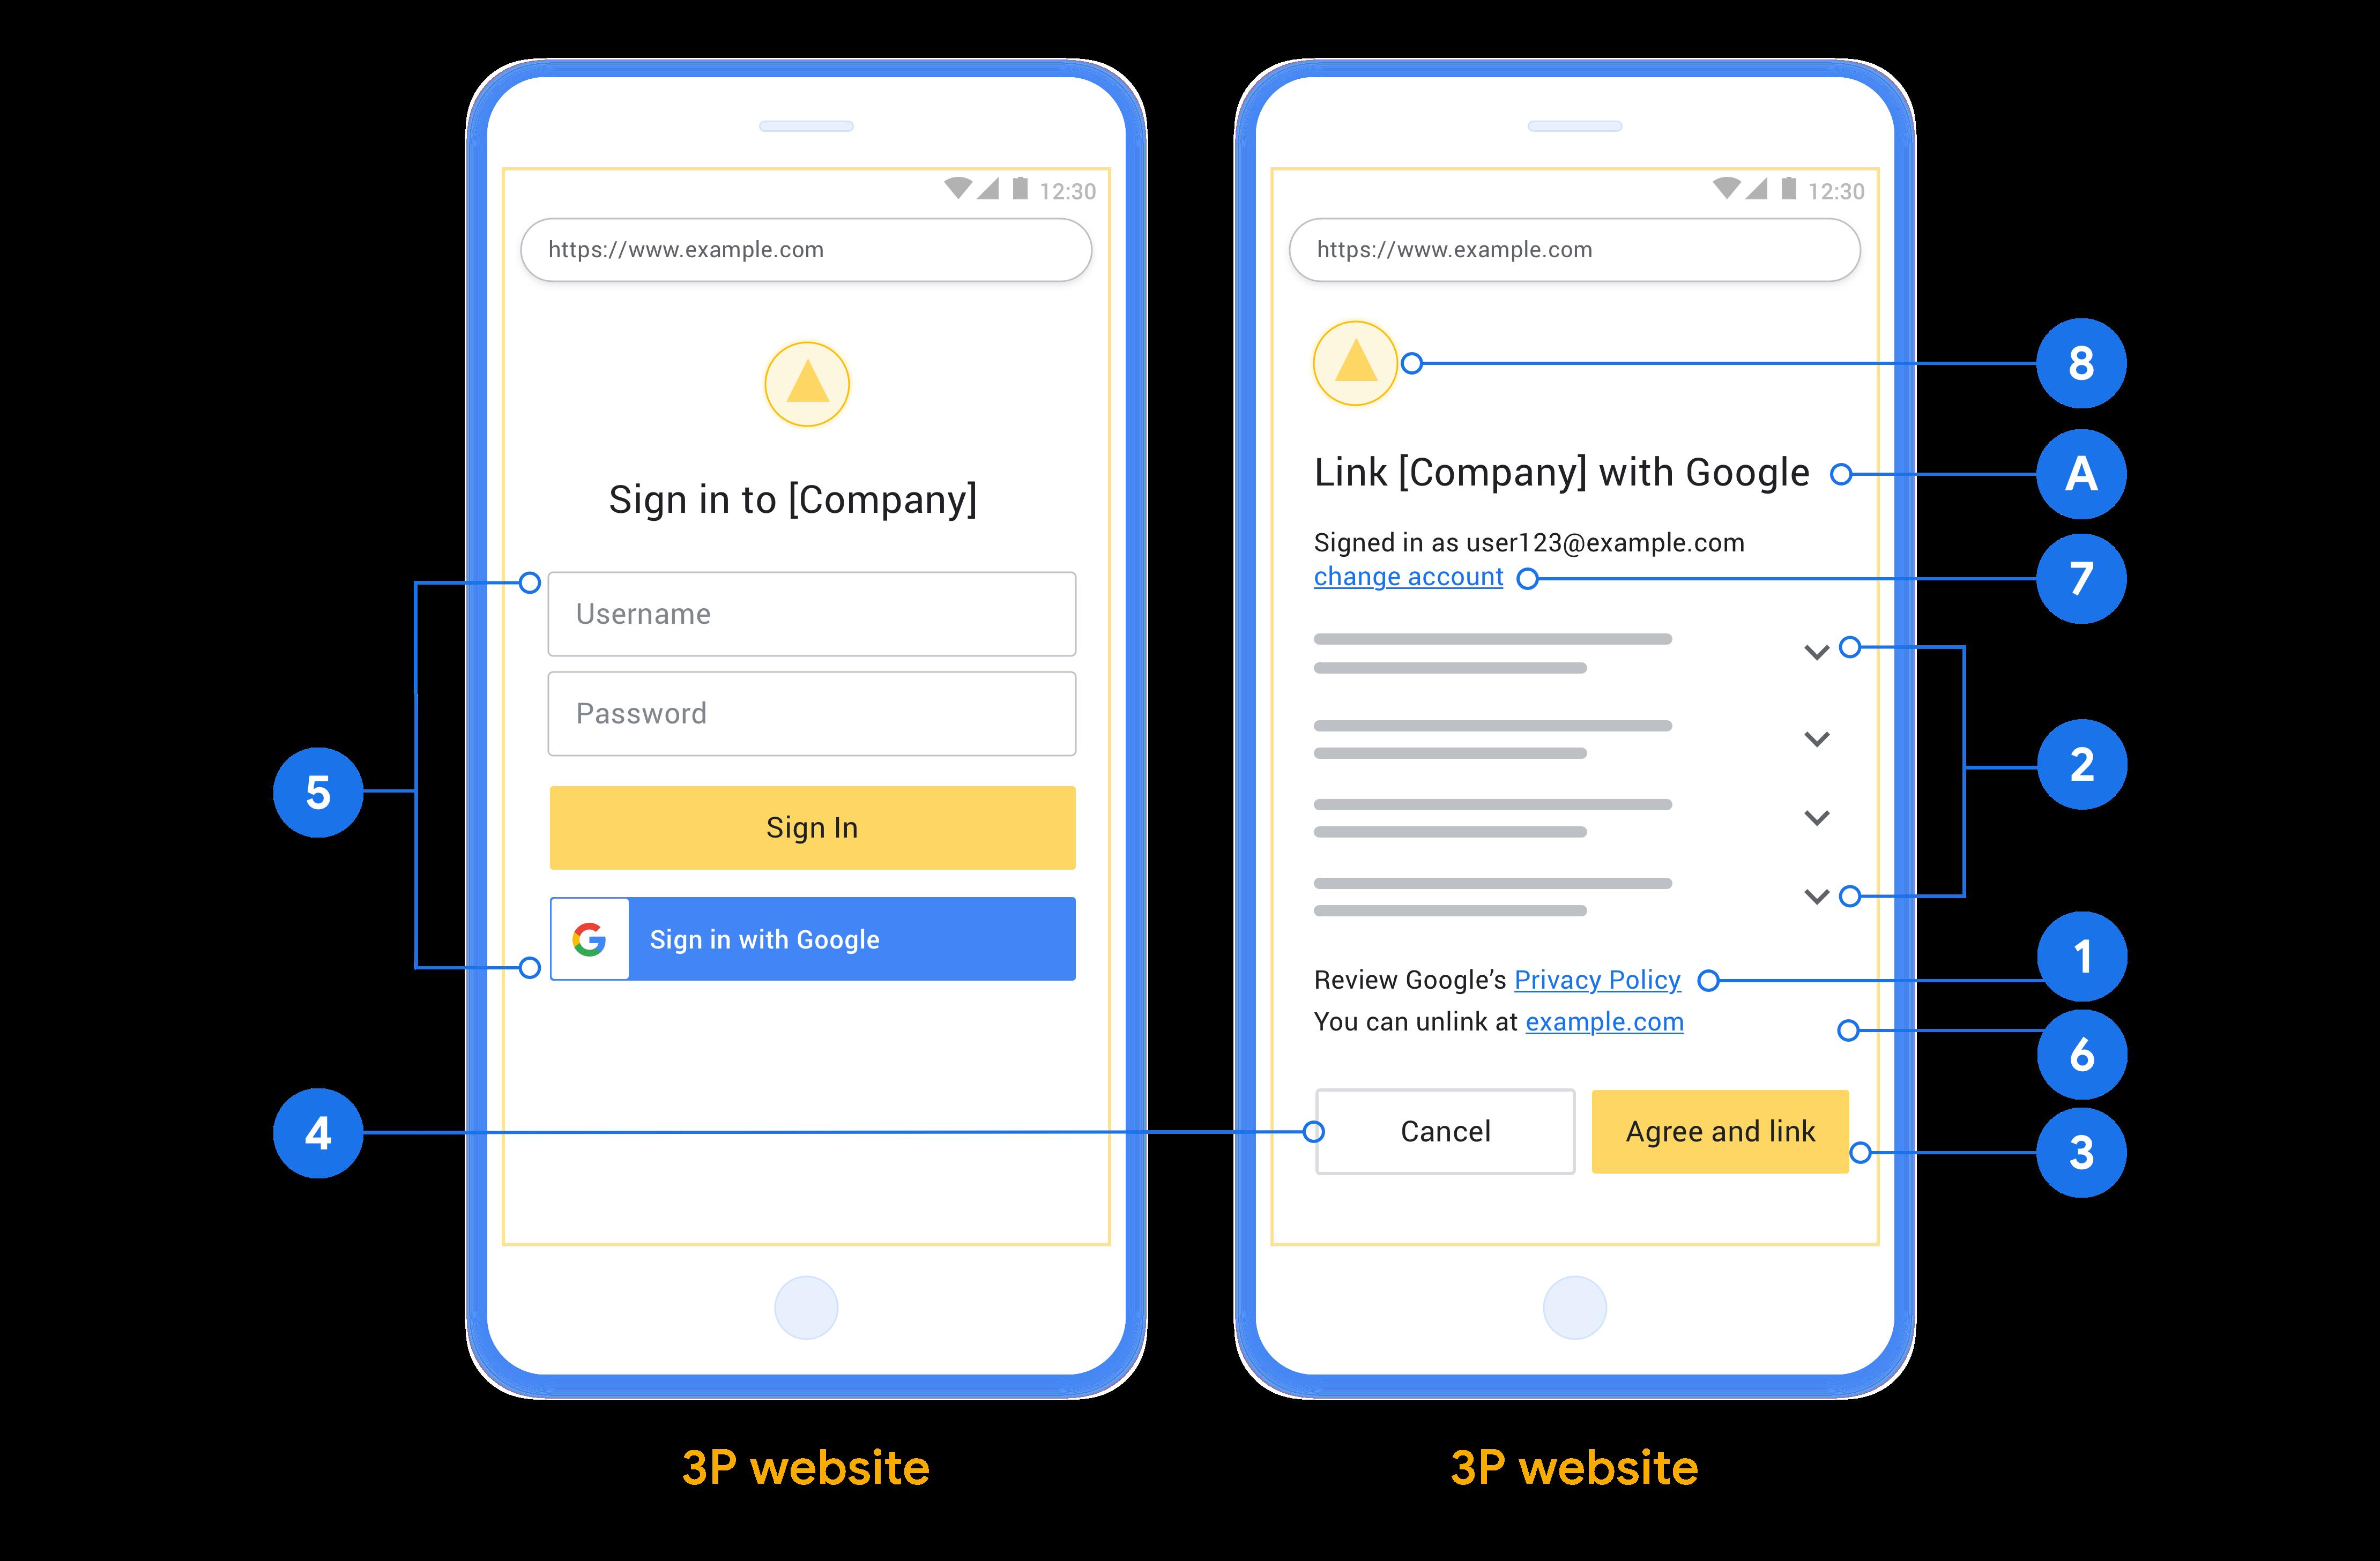 На этом рисунке показаны примеры экранов входа в систему и согласия пользователя с уточнением индивидуальных требований и рекомендациями, которым следует следовать при разработке экрана входа и согласия пользователя.